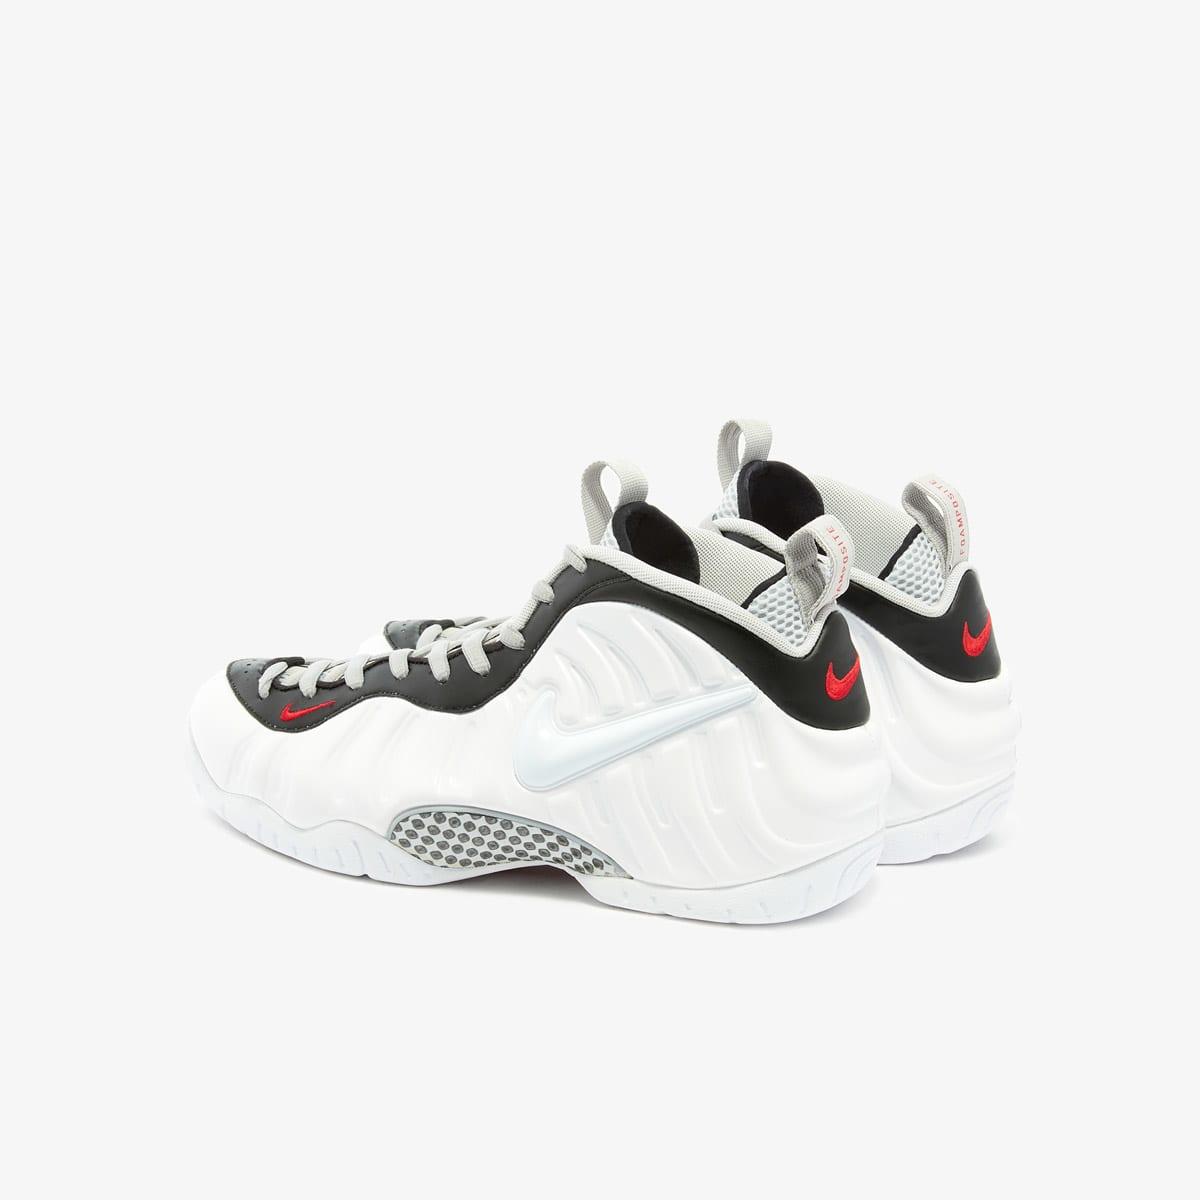 Nike Air Foamposite Pro - 624041-103